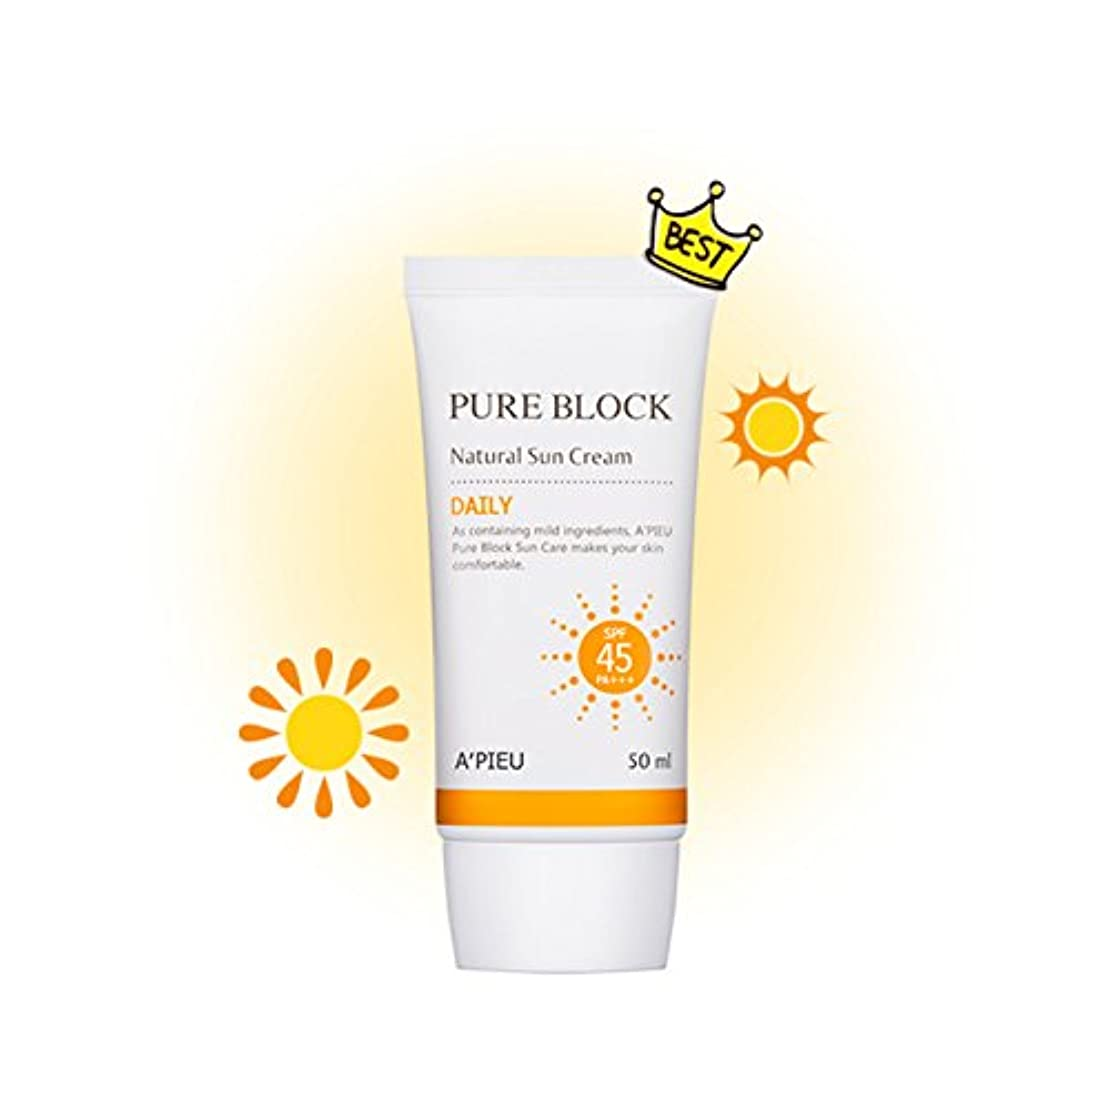 勢い逃れる専門[オピュ] A'PIEU ピュアブロックナチュラルデイリー日焼け止め Pure Block Natural Daily Sun Cream SPF 45 PA+++ [並行輸入品]